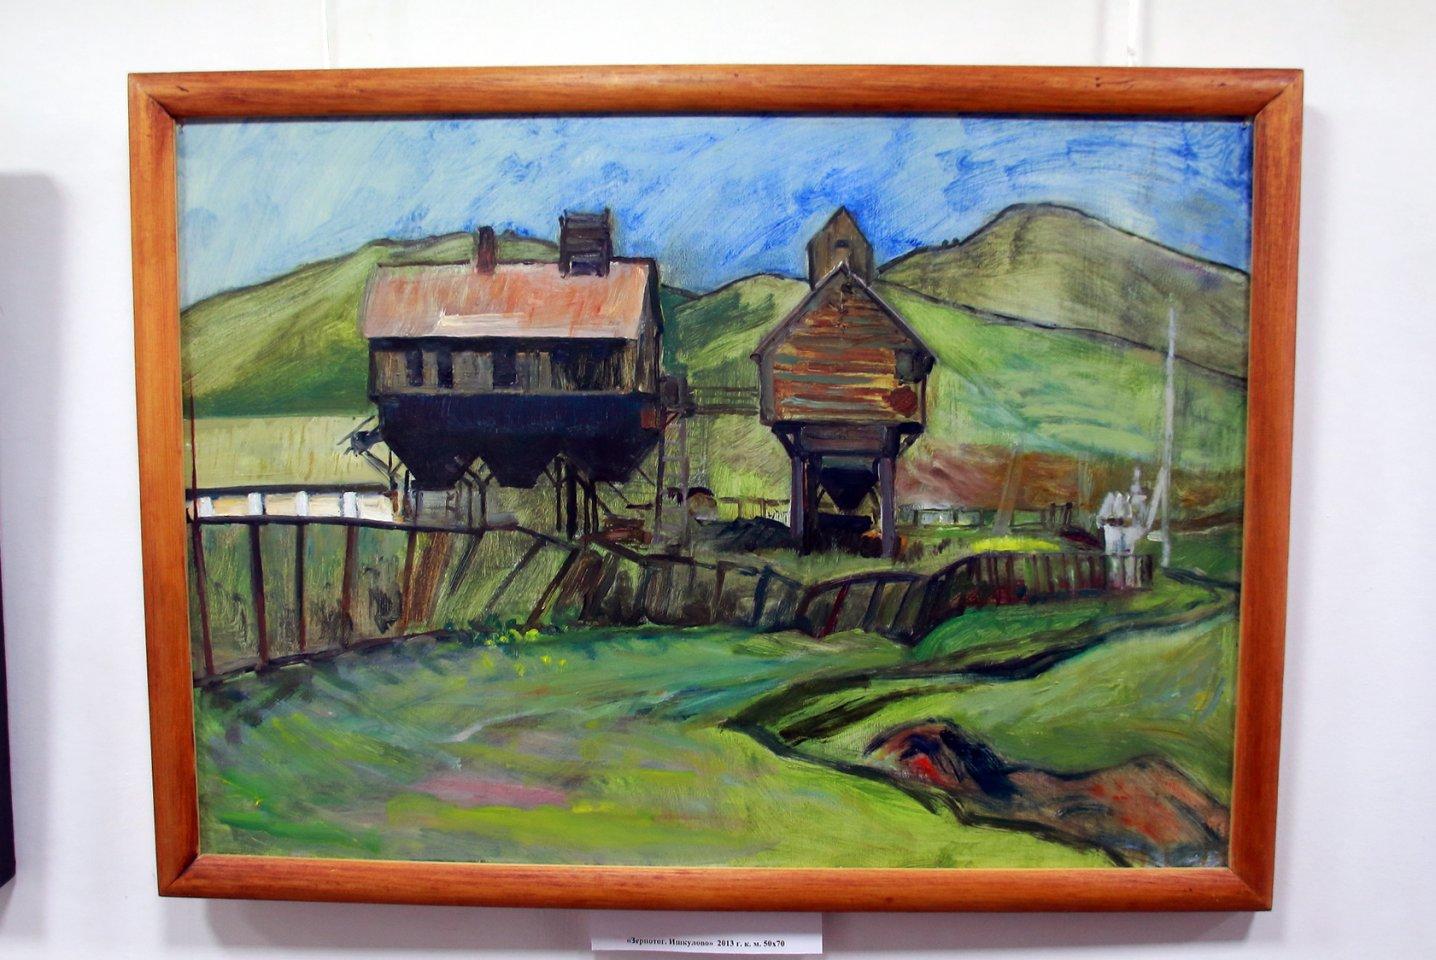 Пероснальная выставка художника Рафаиля Бураканова в Мемориальном доме-музее А.Э. Тюлькина